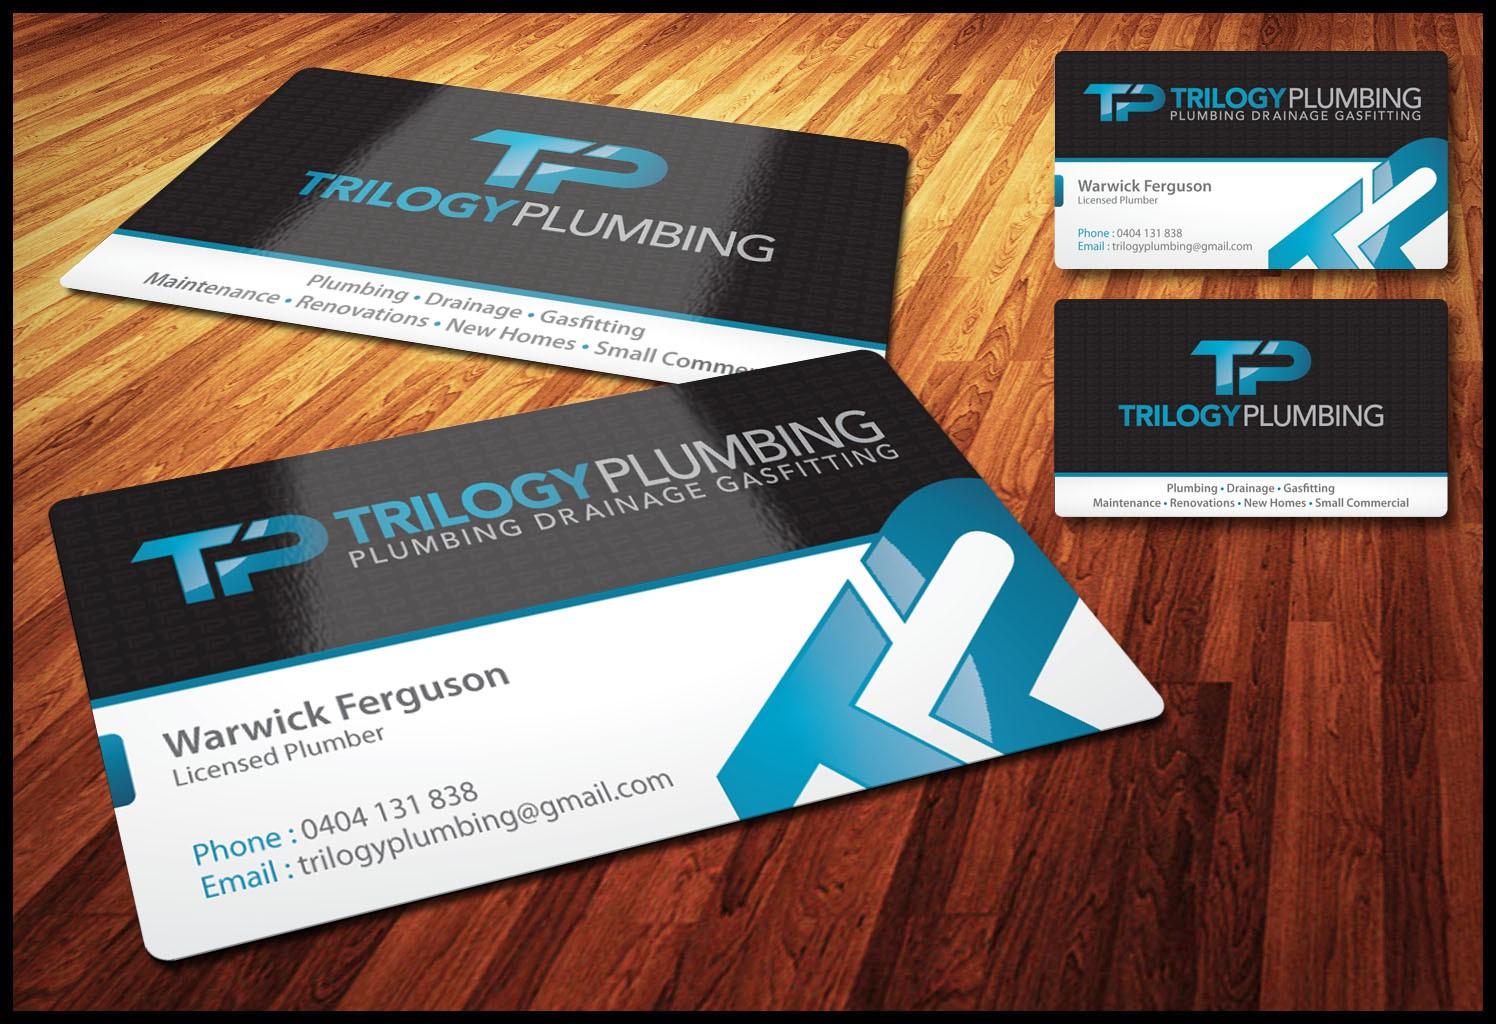 Trilogy Plumbing needs business cards!